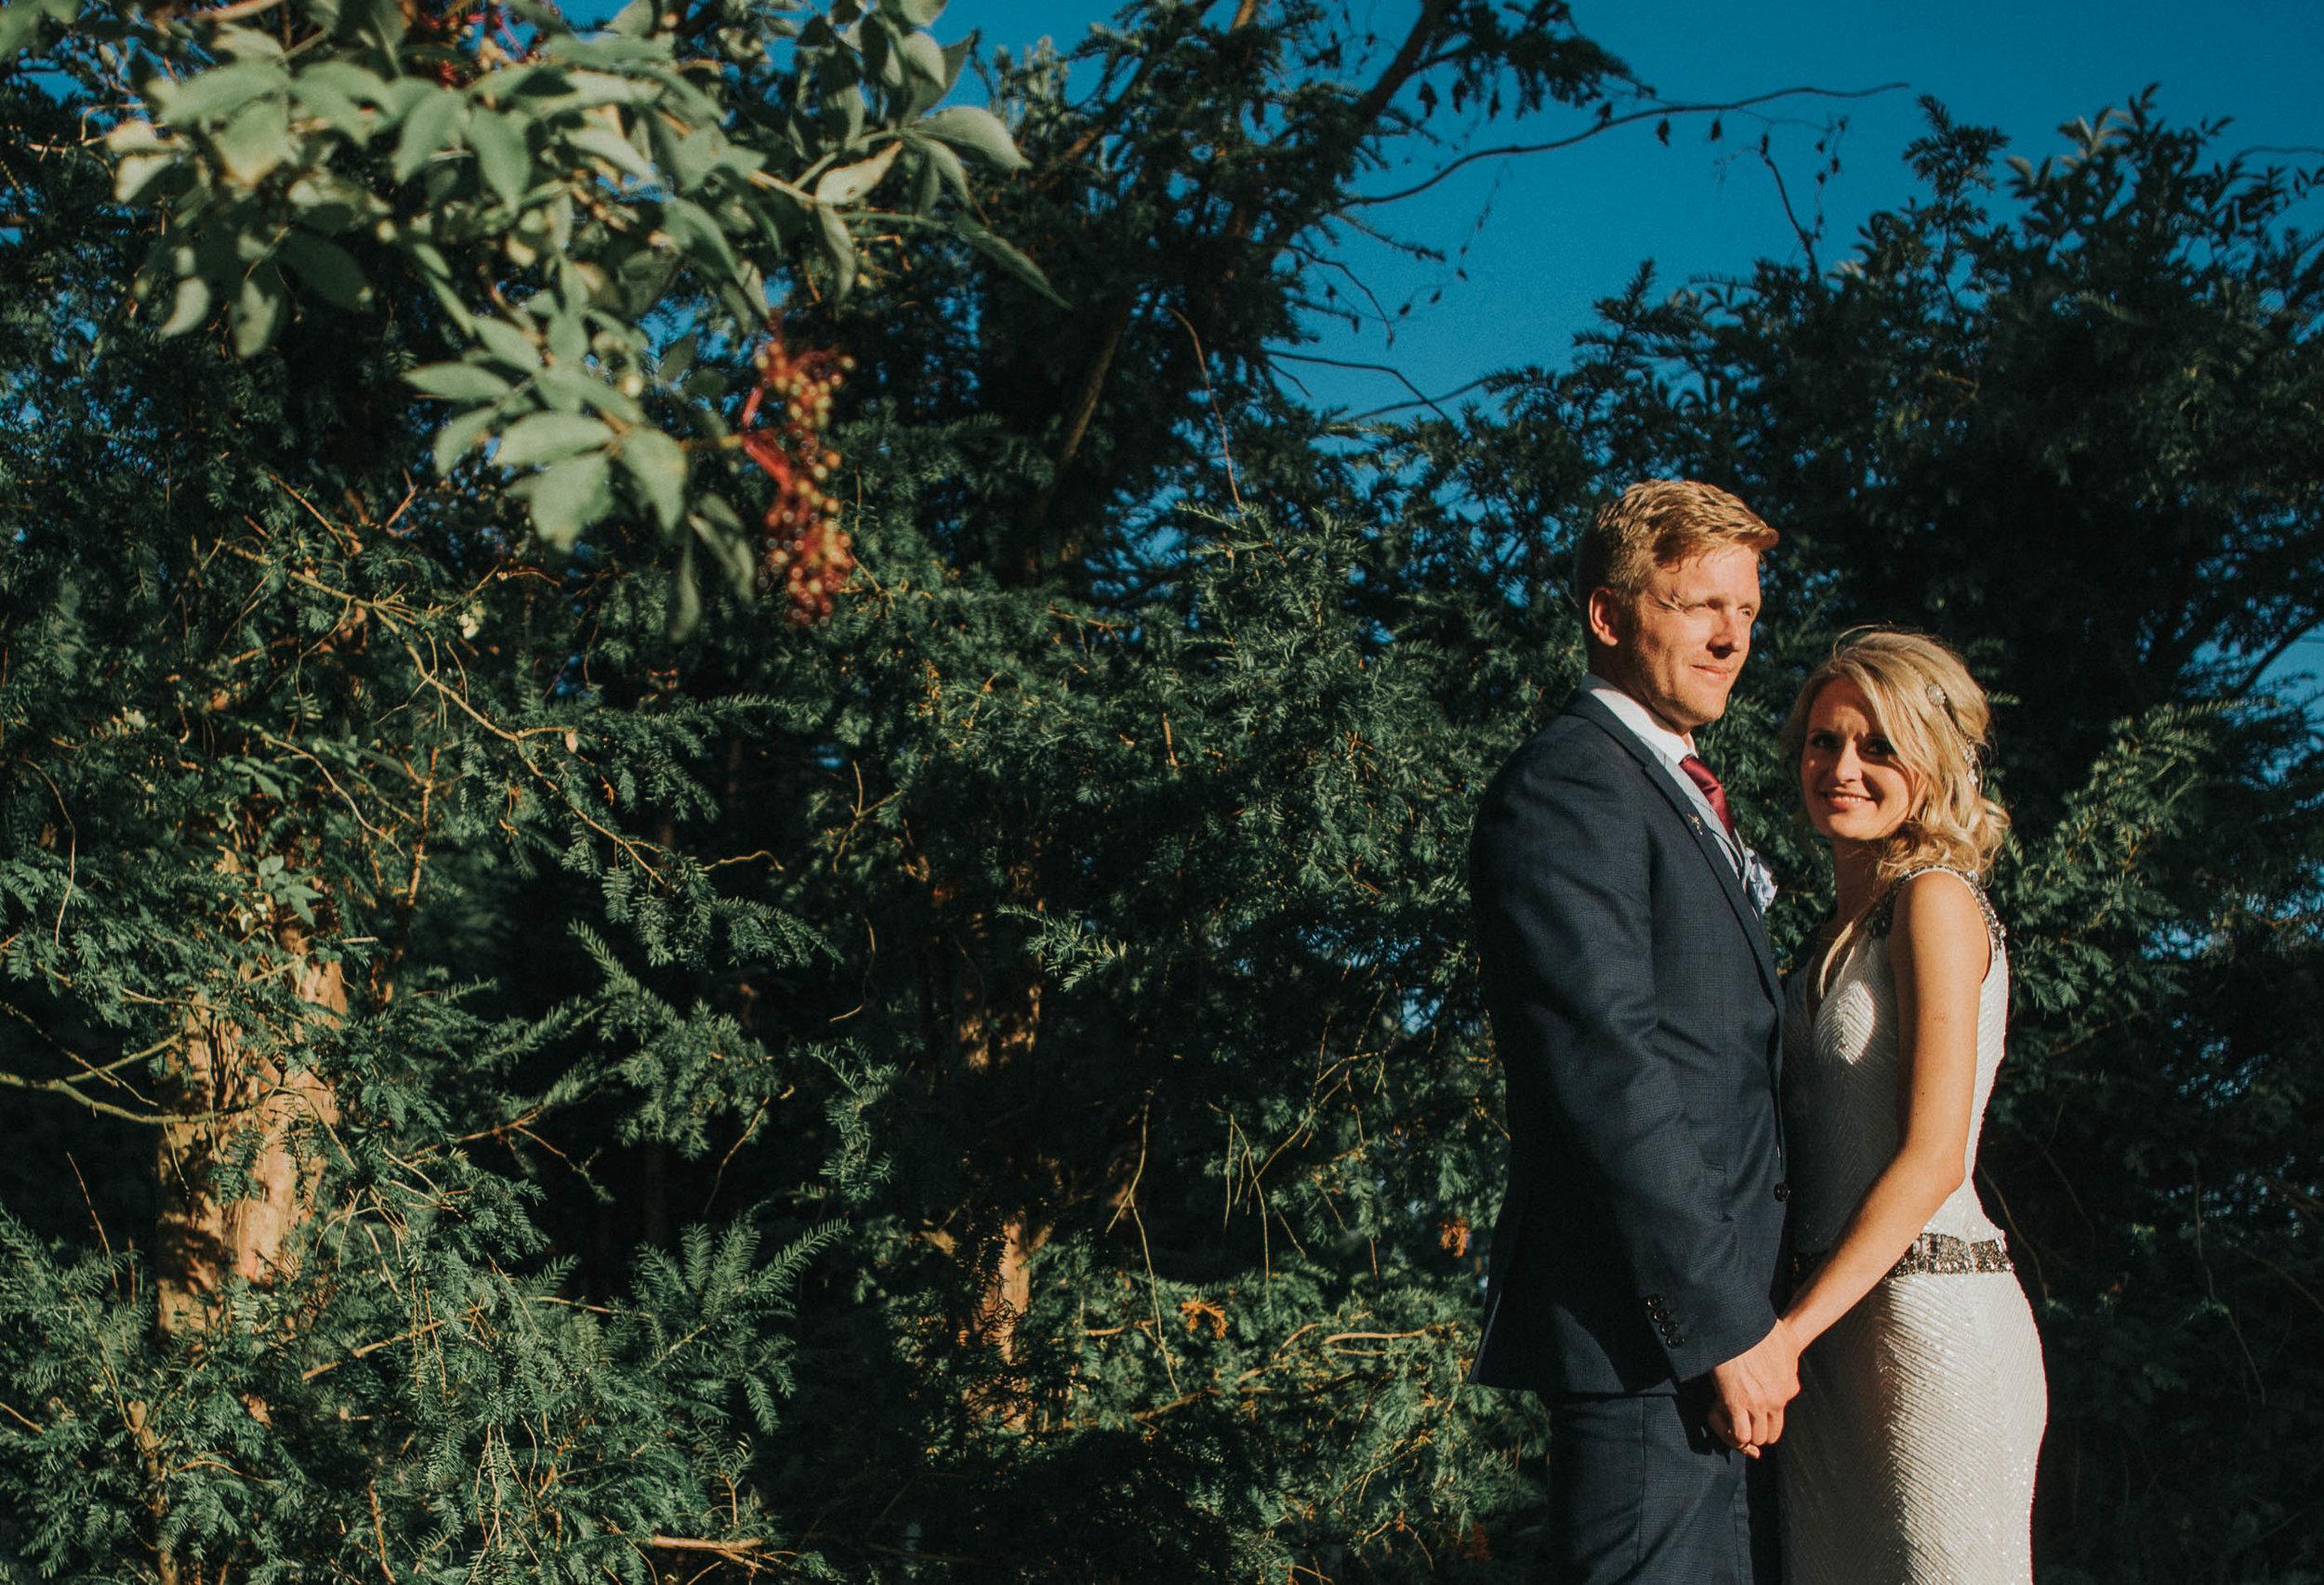 Creative Unique Wedding Photographer Essex Suffolk UK Wedding Photographer www.purplepeartreephotography.com (778).JPG